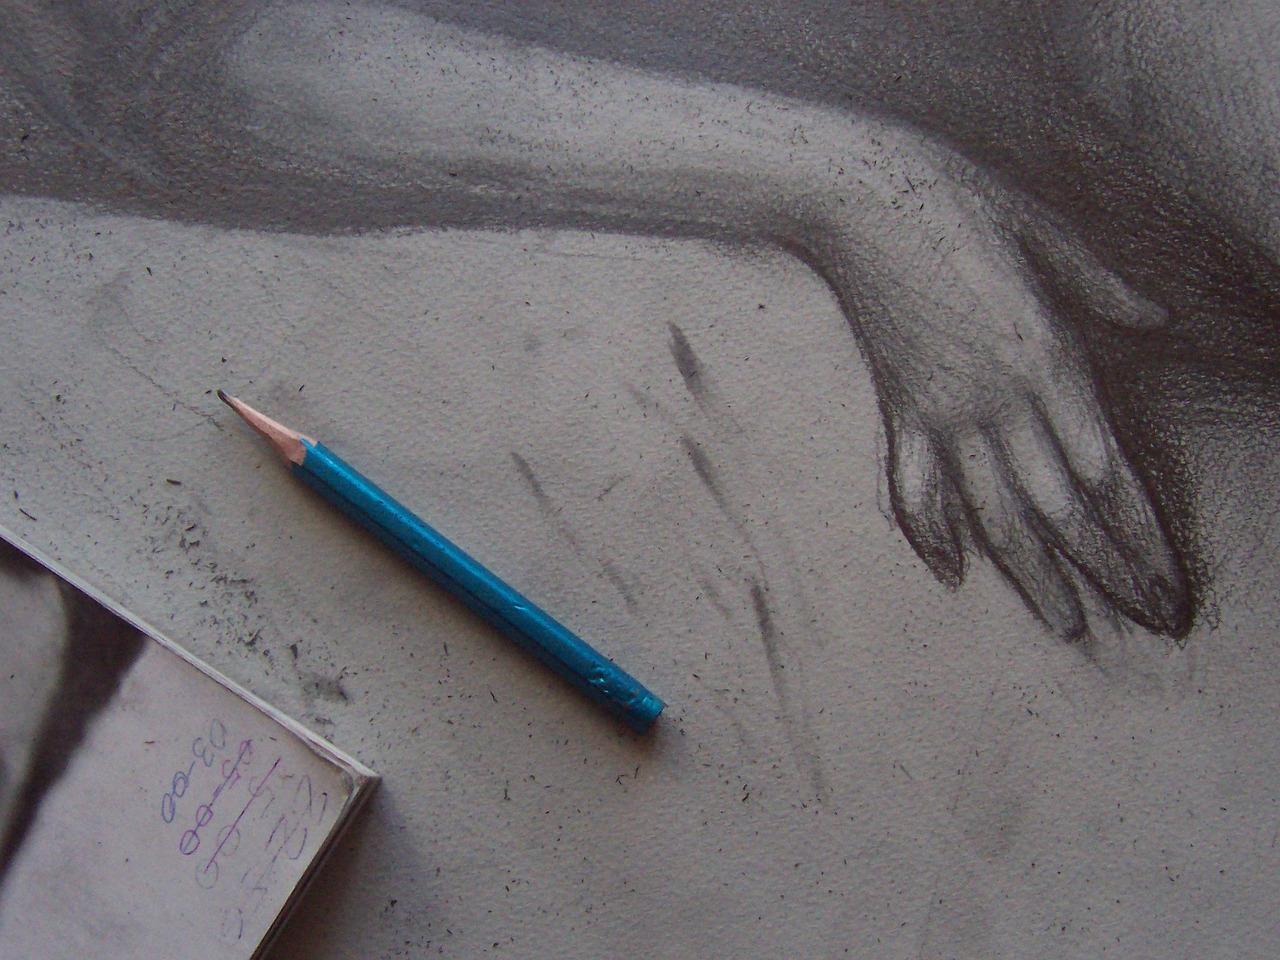 где закругленный линии рисование карандашом фото пробуждающийся город, пожалеете